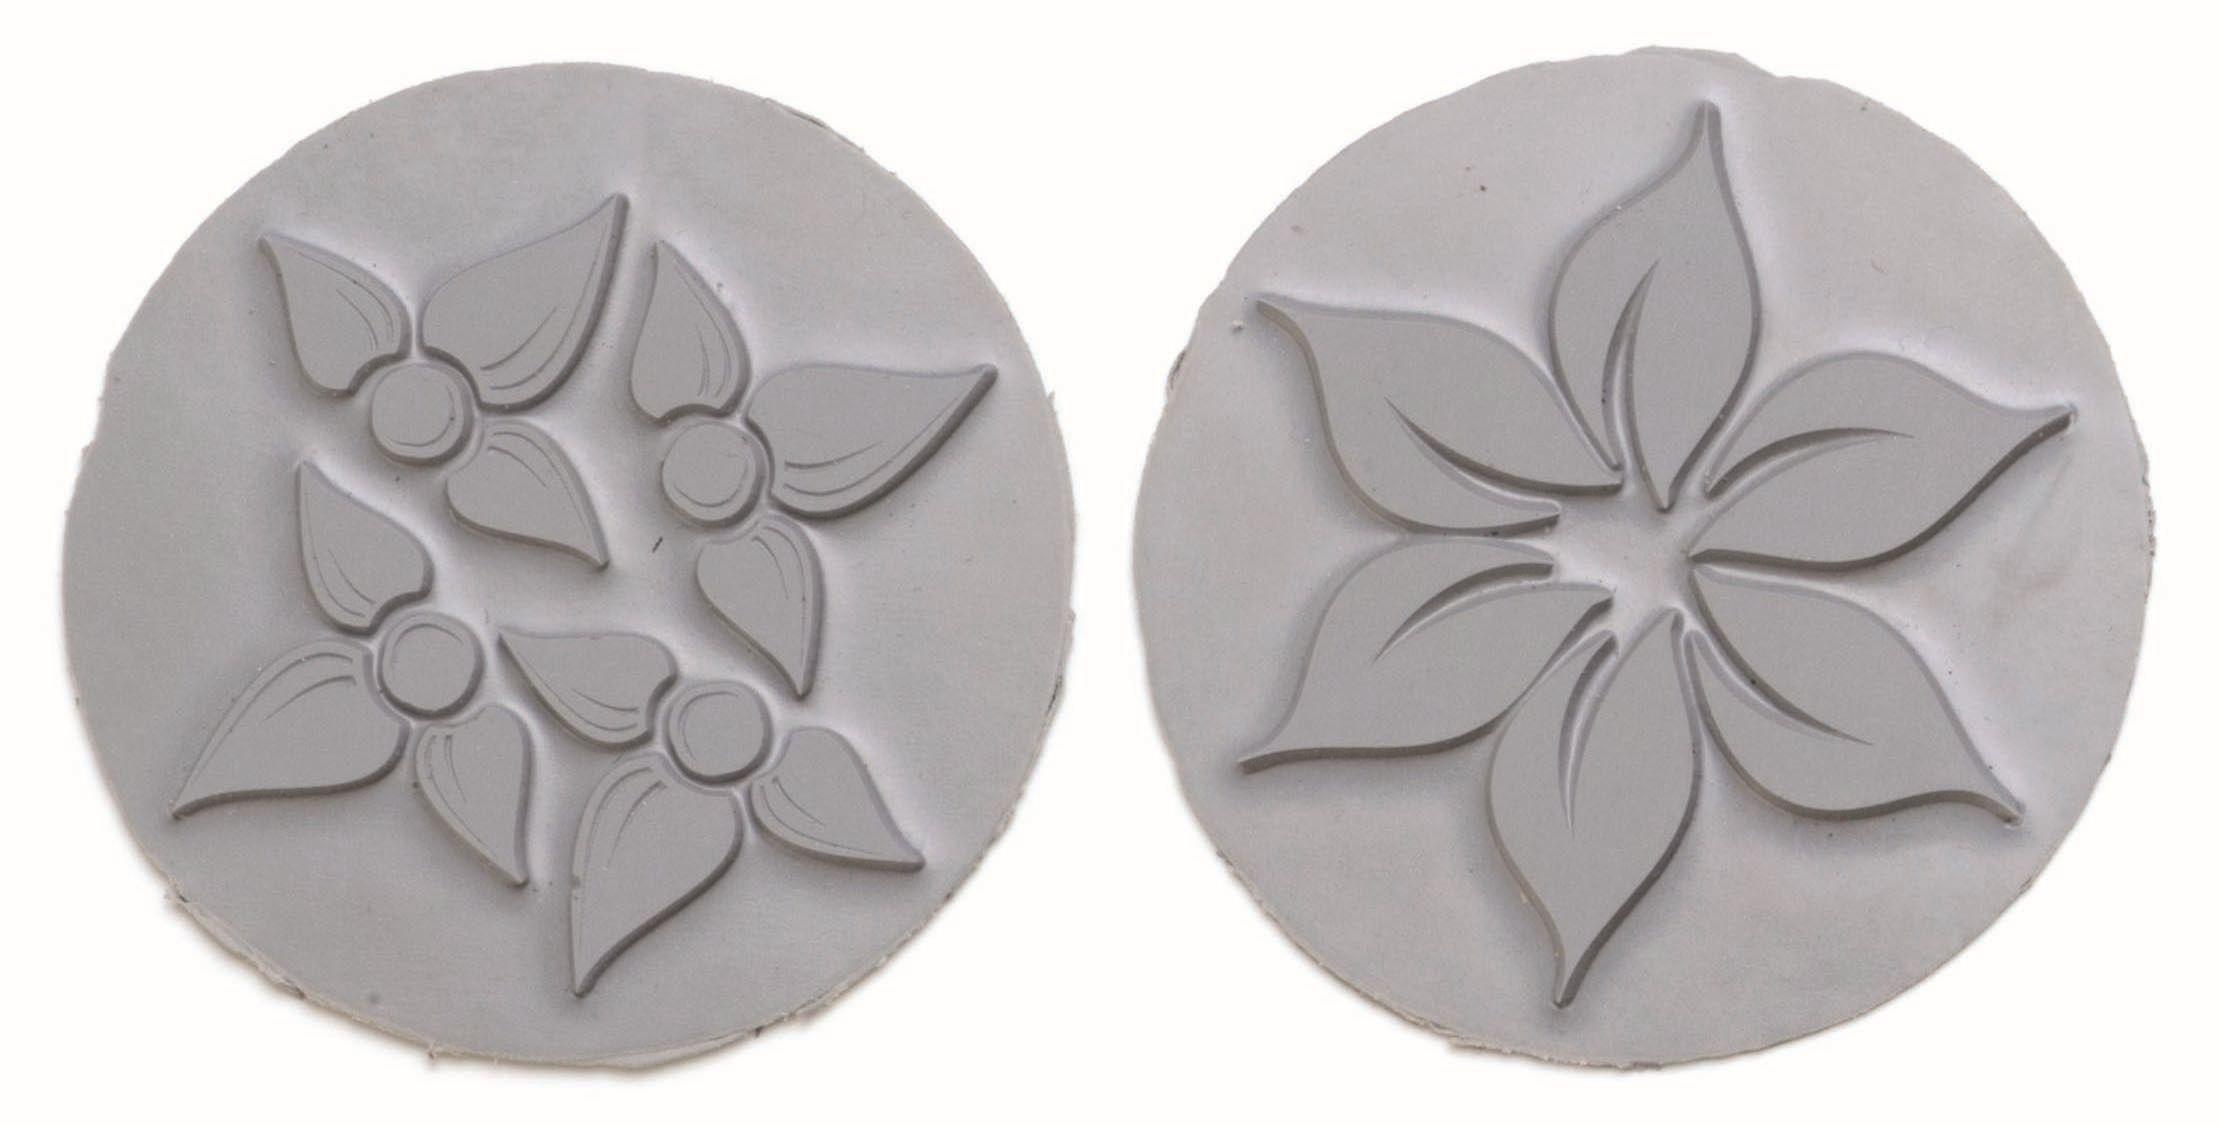 61600437 Вкладыш в круглую форму для мыловарения,цветок,2шт. Glorex